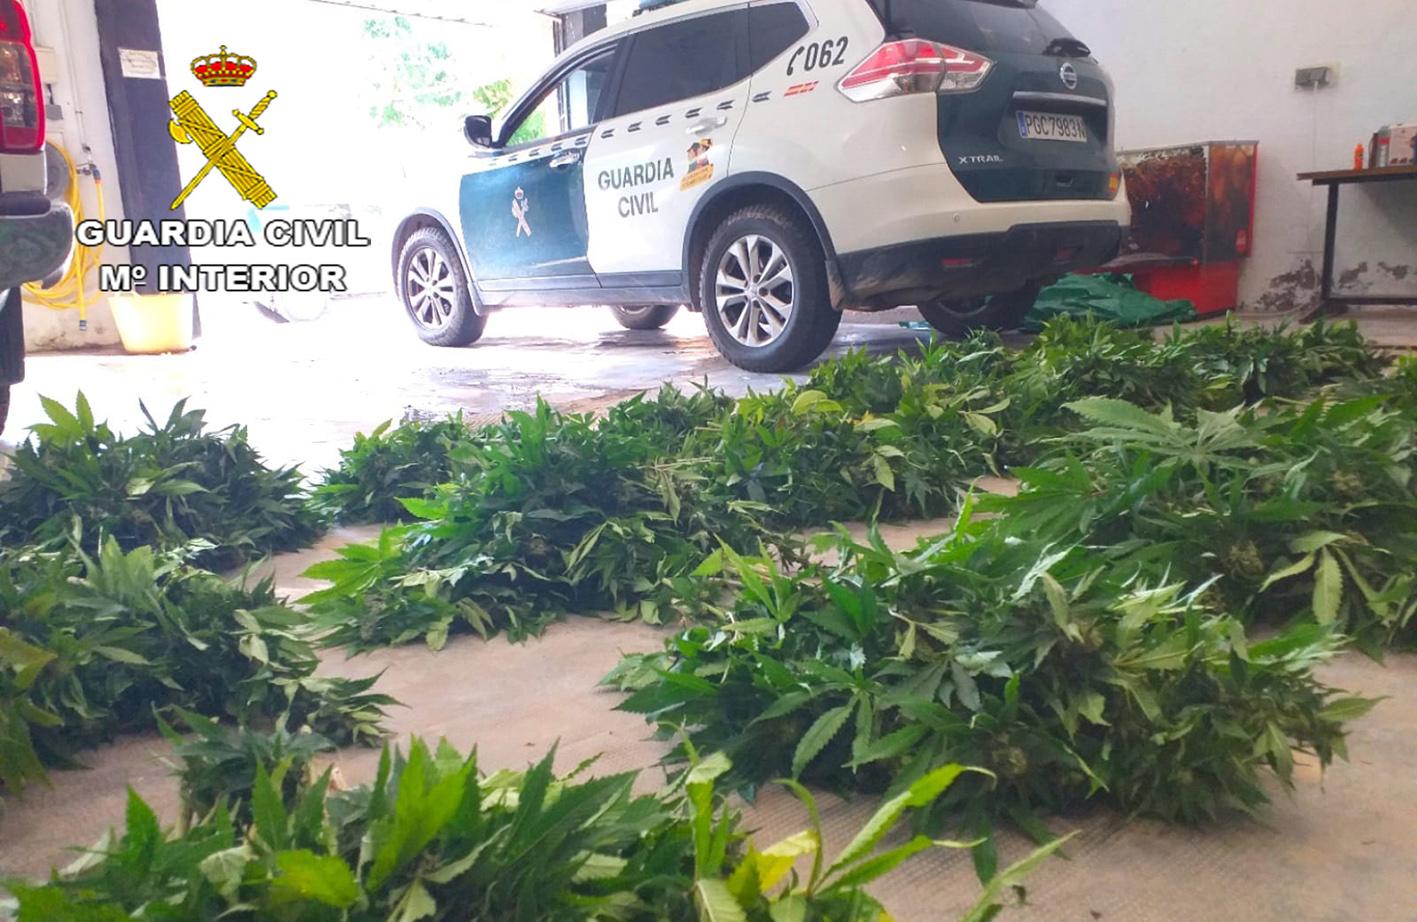 La Guardia Civil detuvo al hombre de 36 años cuando este se disponía a deshacerse de la plantación de marihuana.